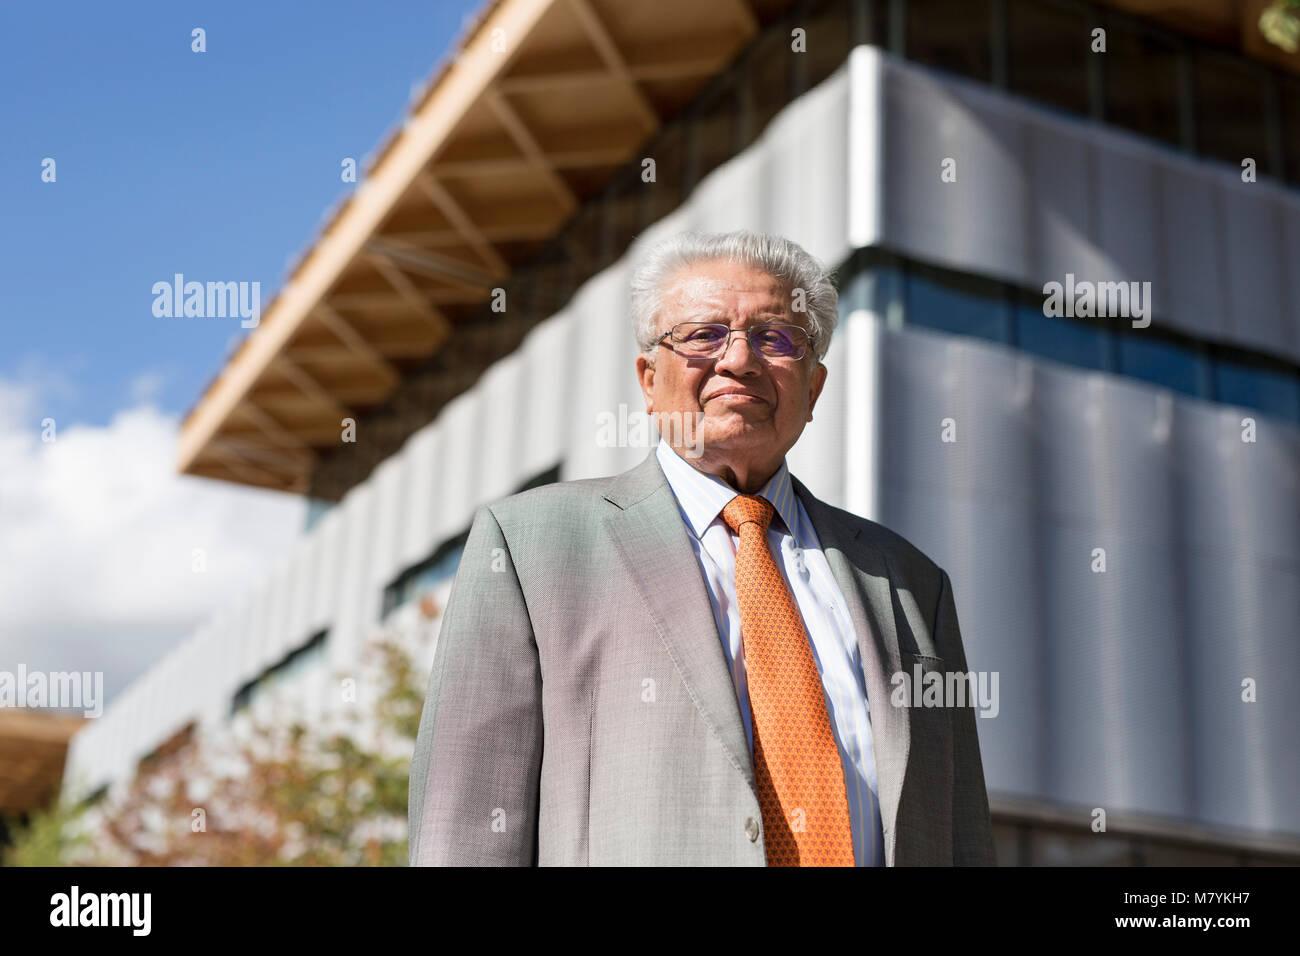 Seigneur Kumar Bhattacharyya dans le centre de fabrication internationales à l'Université de Warwick. Photo Stock